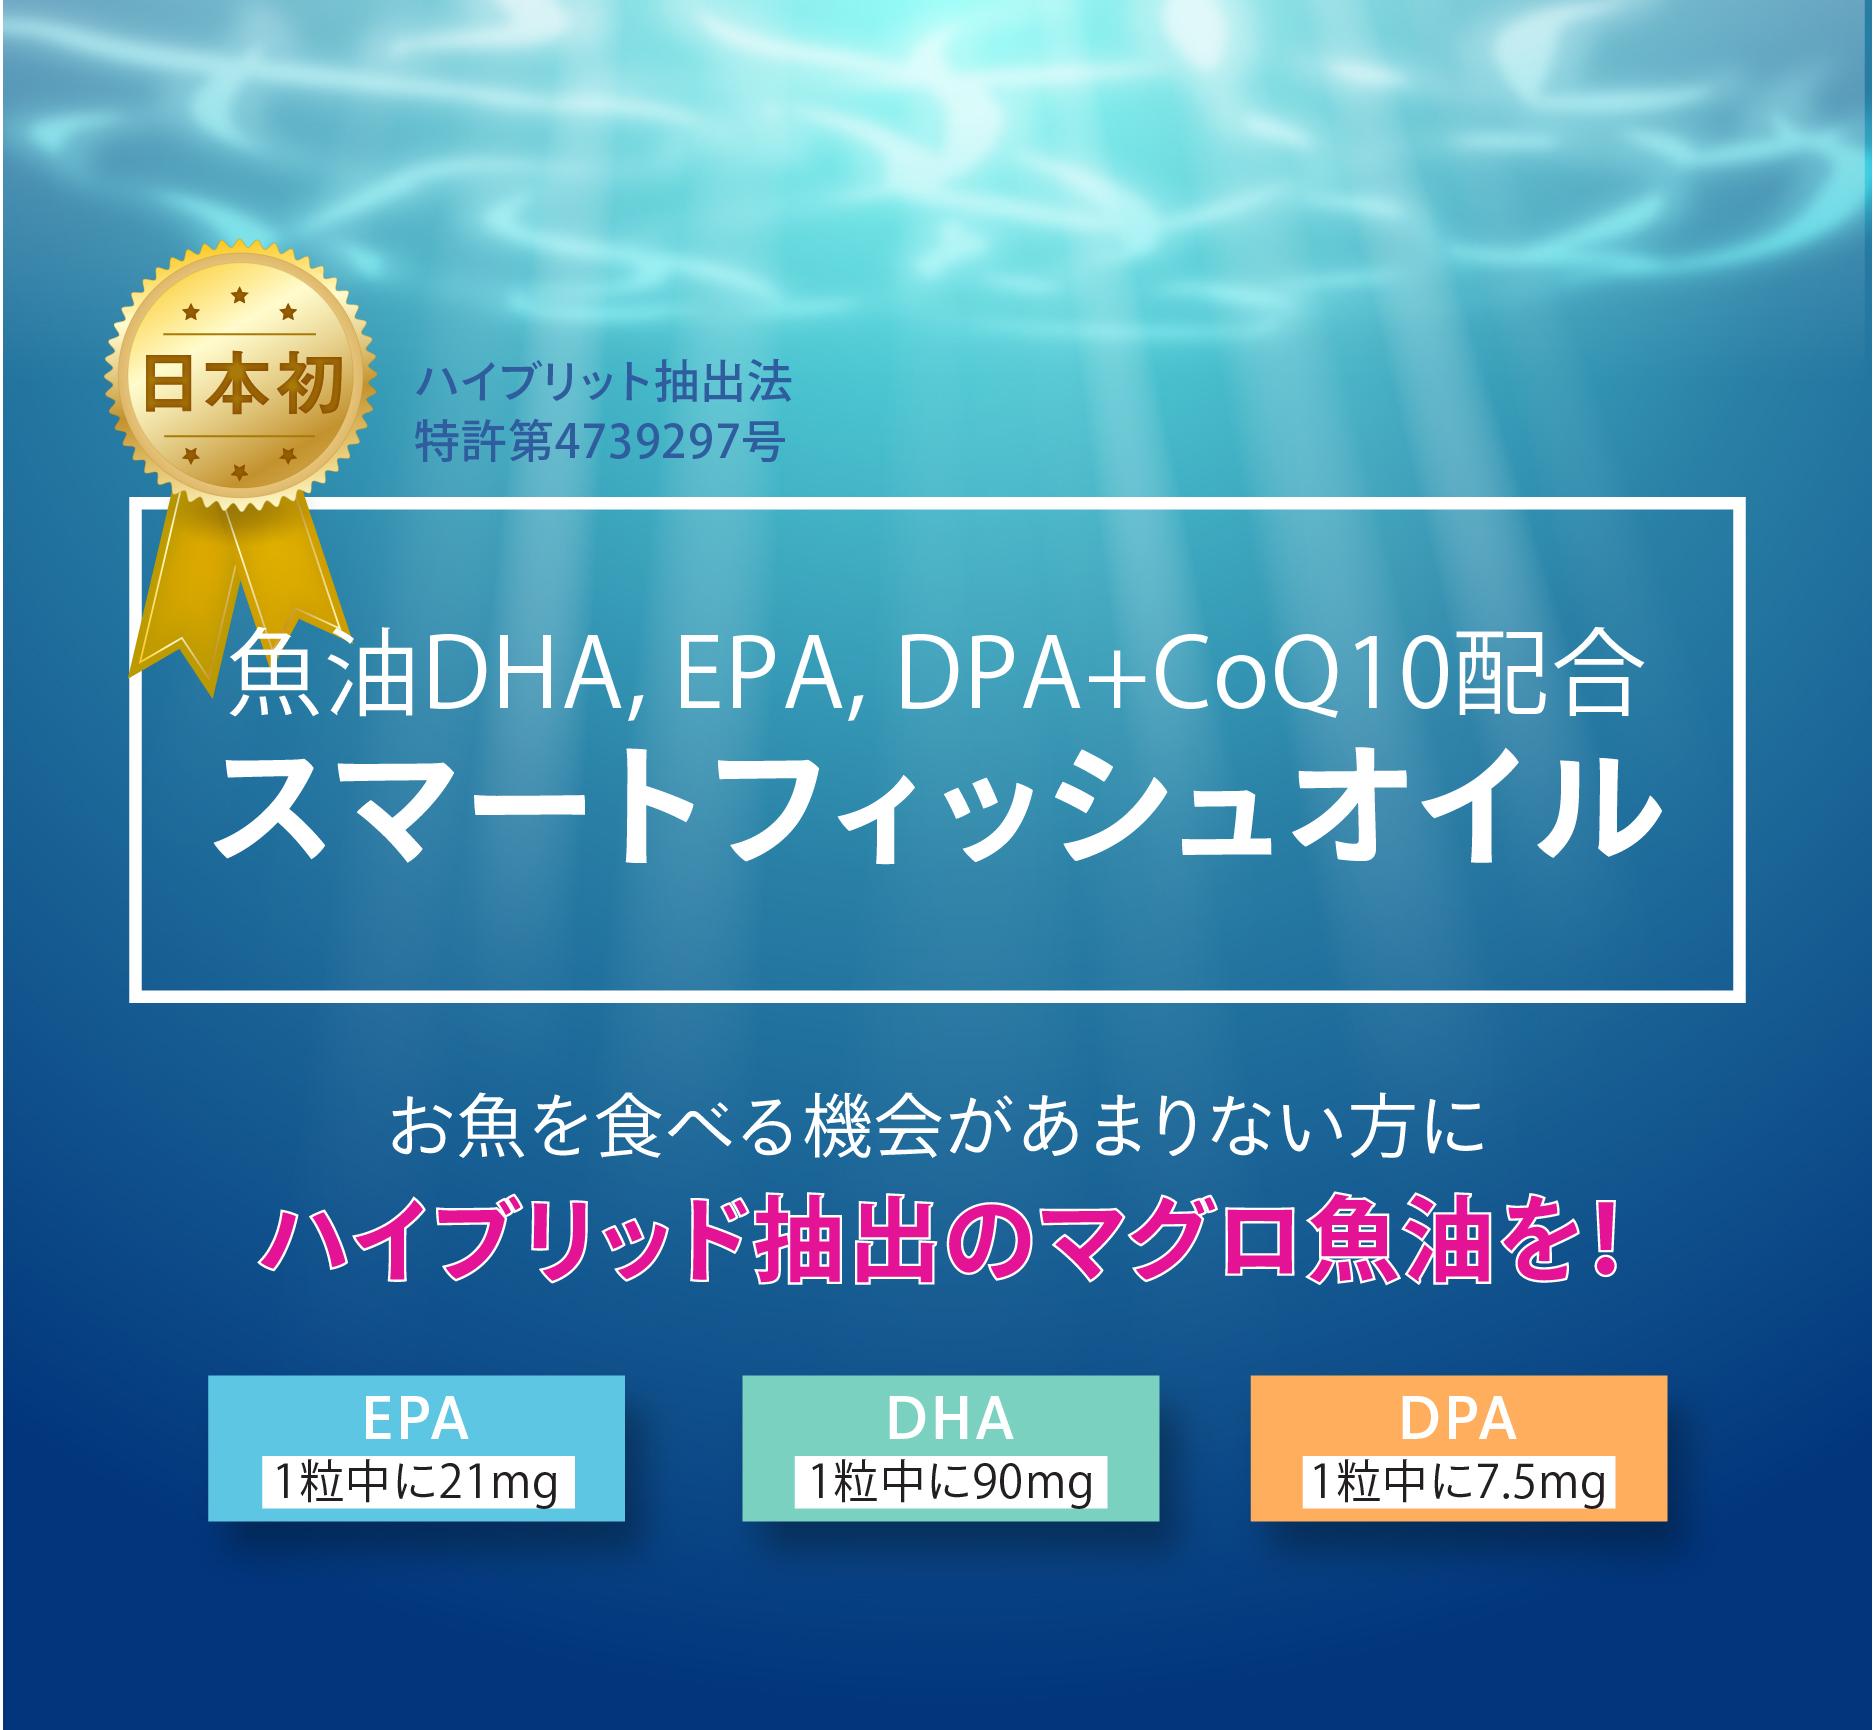 スマートフィッシュオイルのDHA・EPA・DPAの含有量